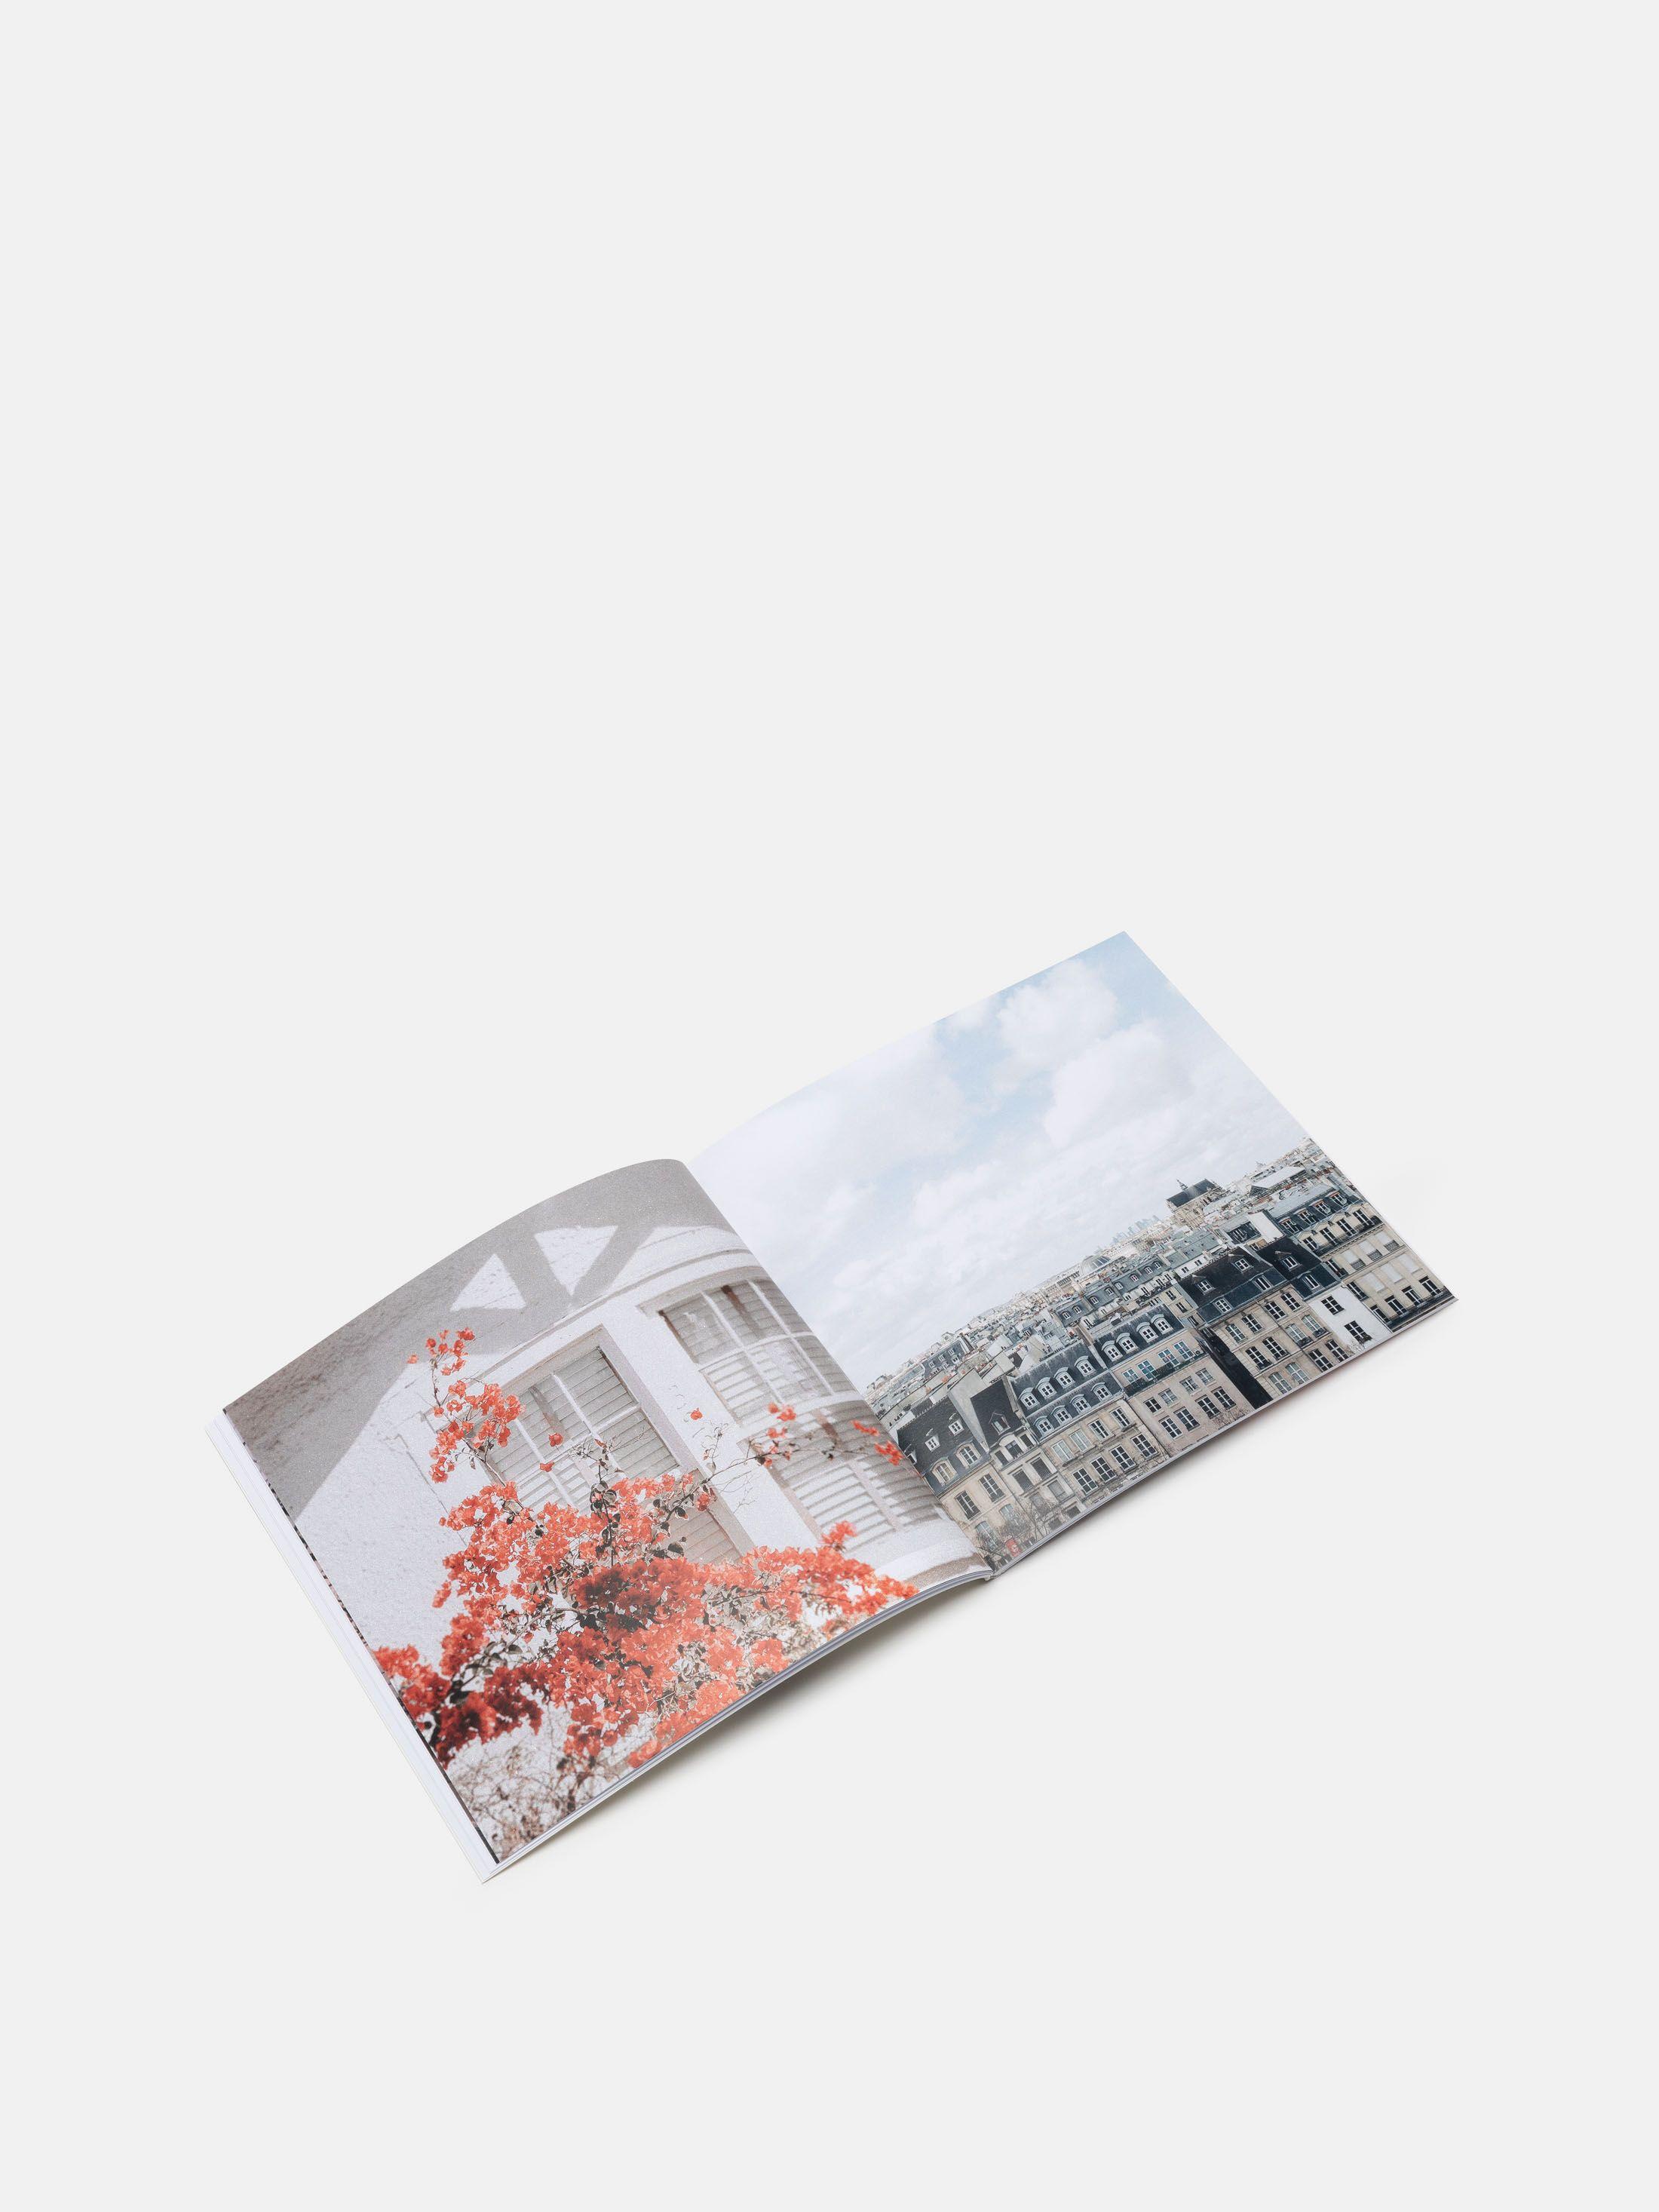 softcover broschüre drucken